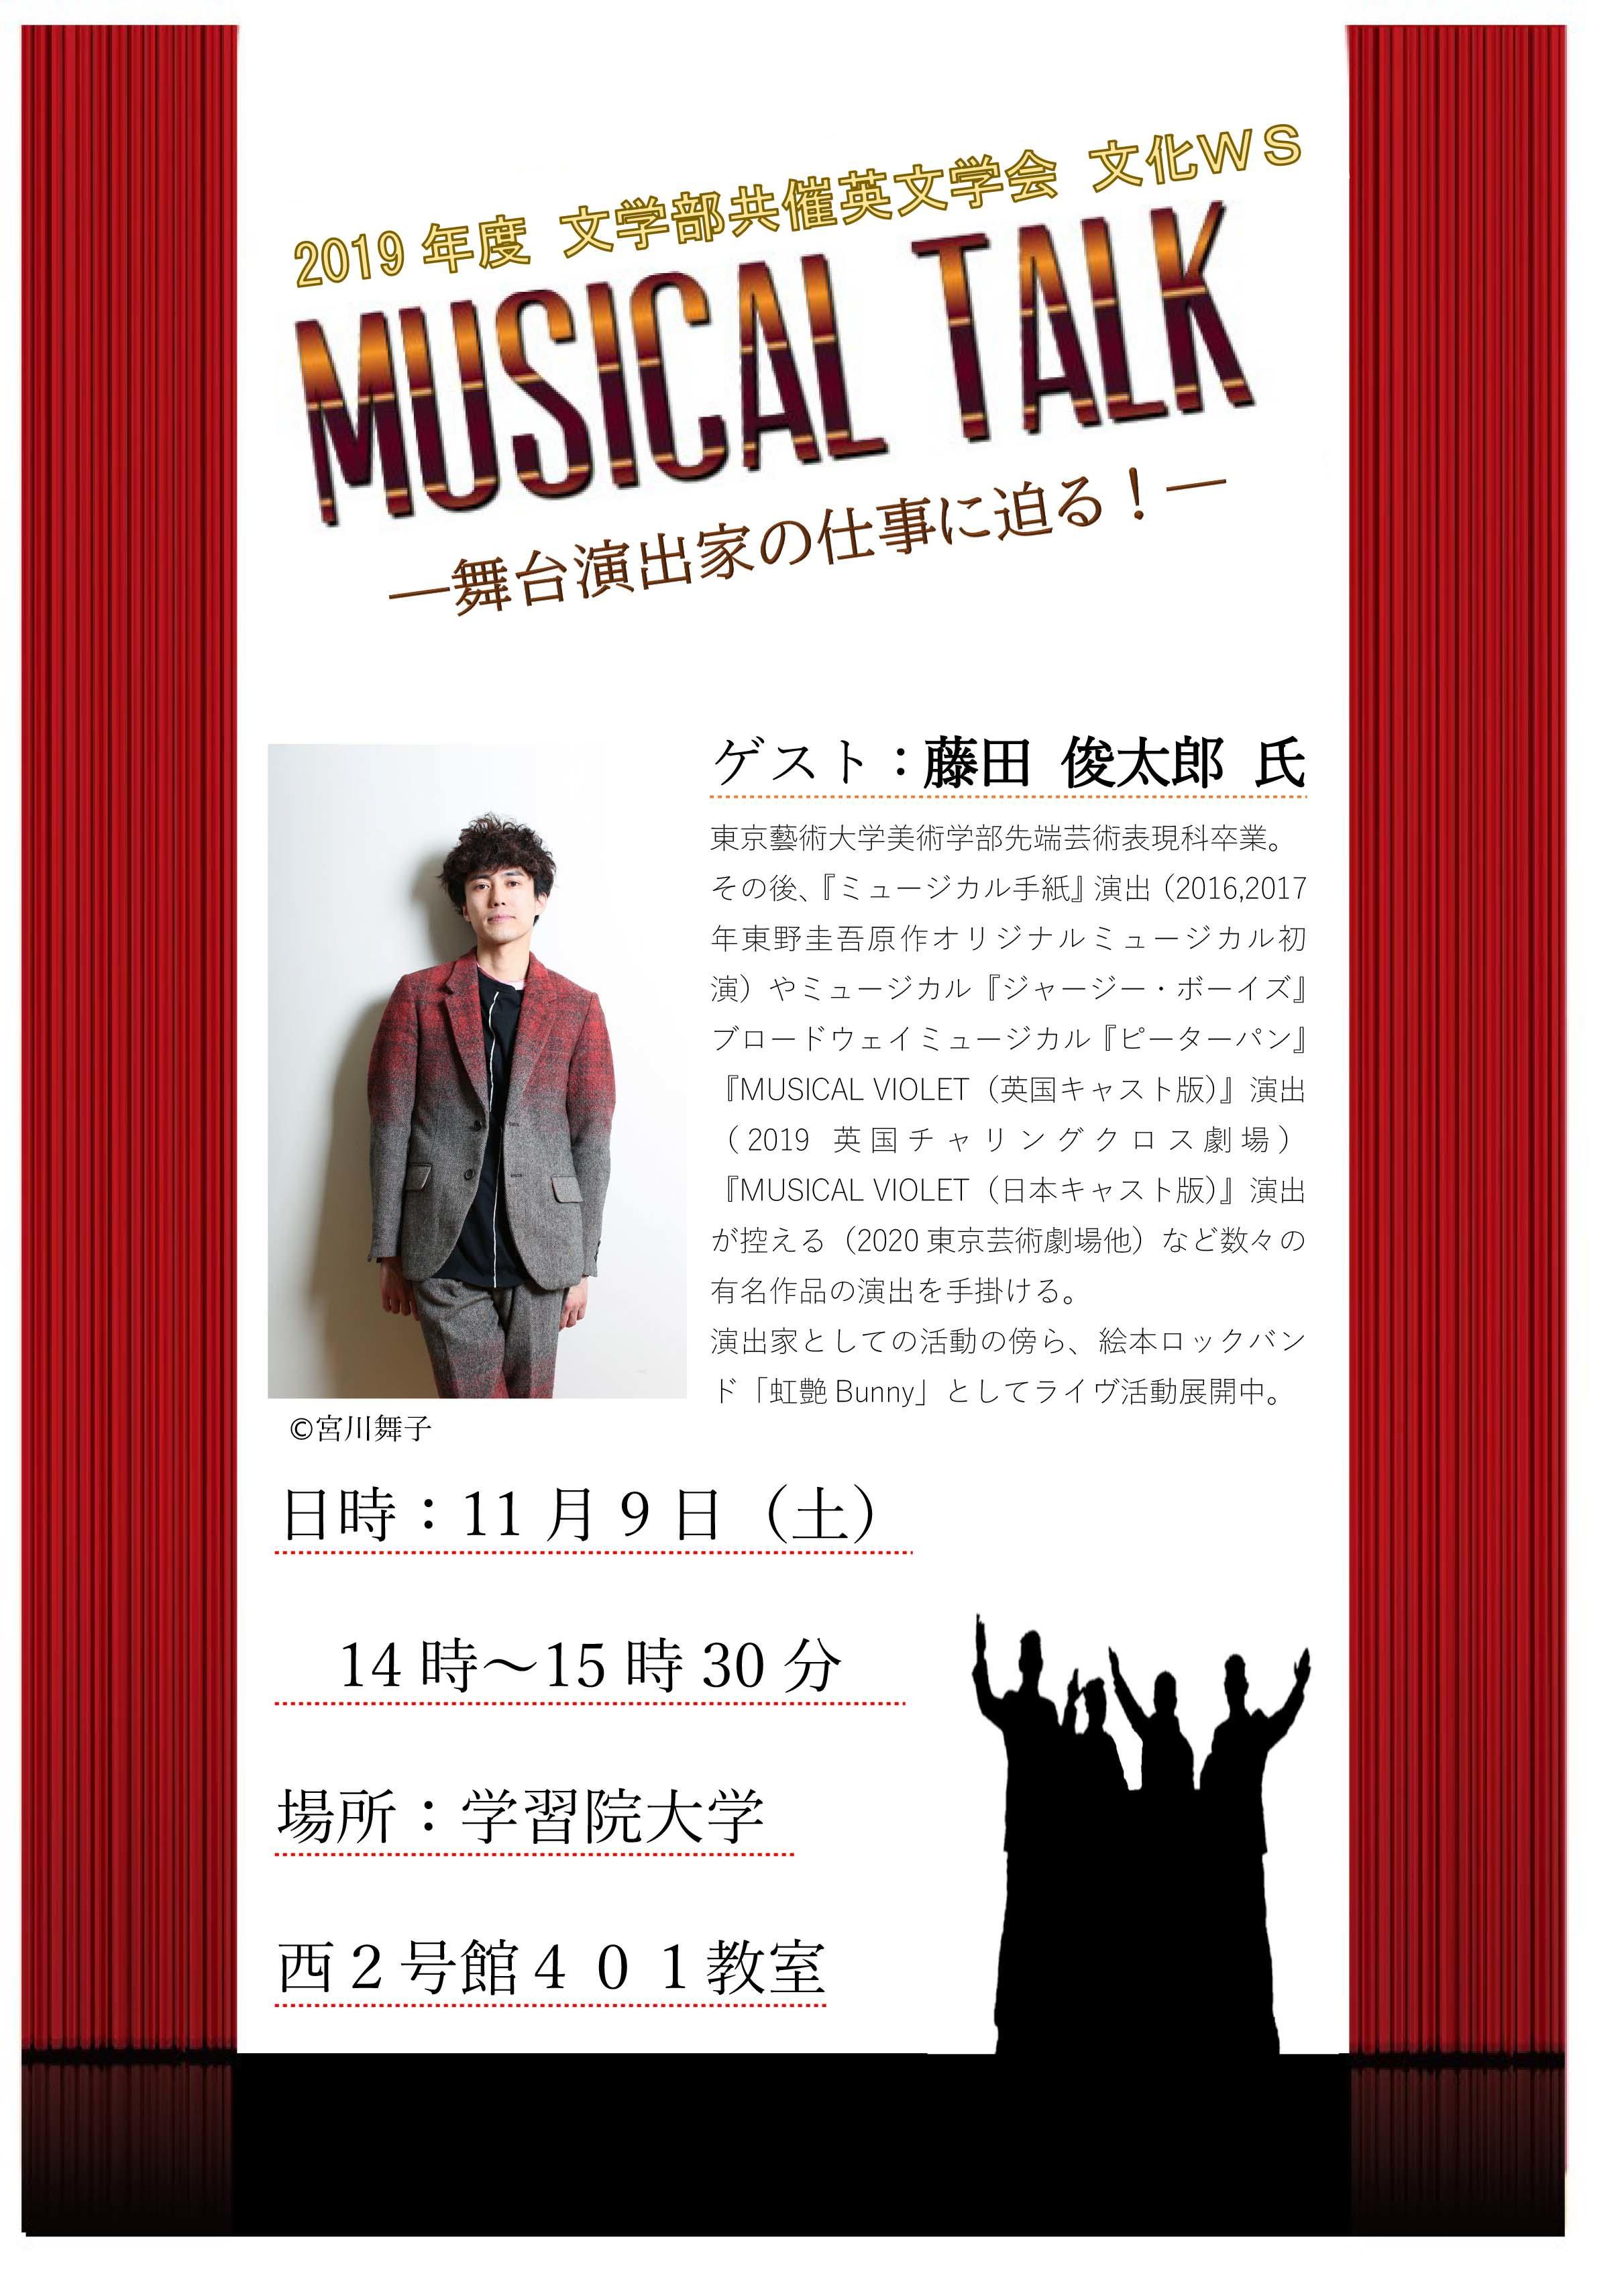 学習院大学が11月9日に文化ワークショップ「MUSICAL TALK -- 舞台演出家の仕事に迫る!」を開催 -- ゲストは国内外で活躍する舞台演出家の藤田俊太郎氏